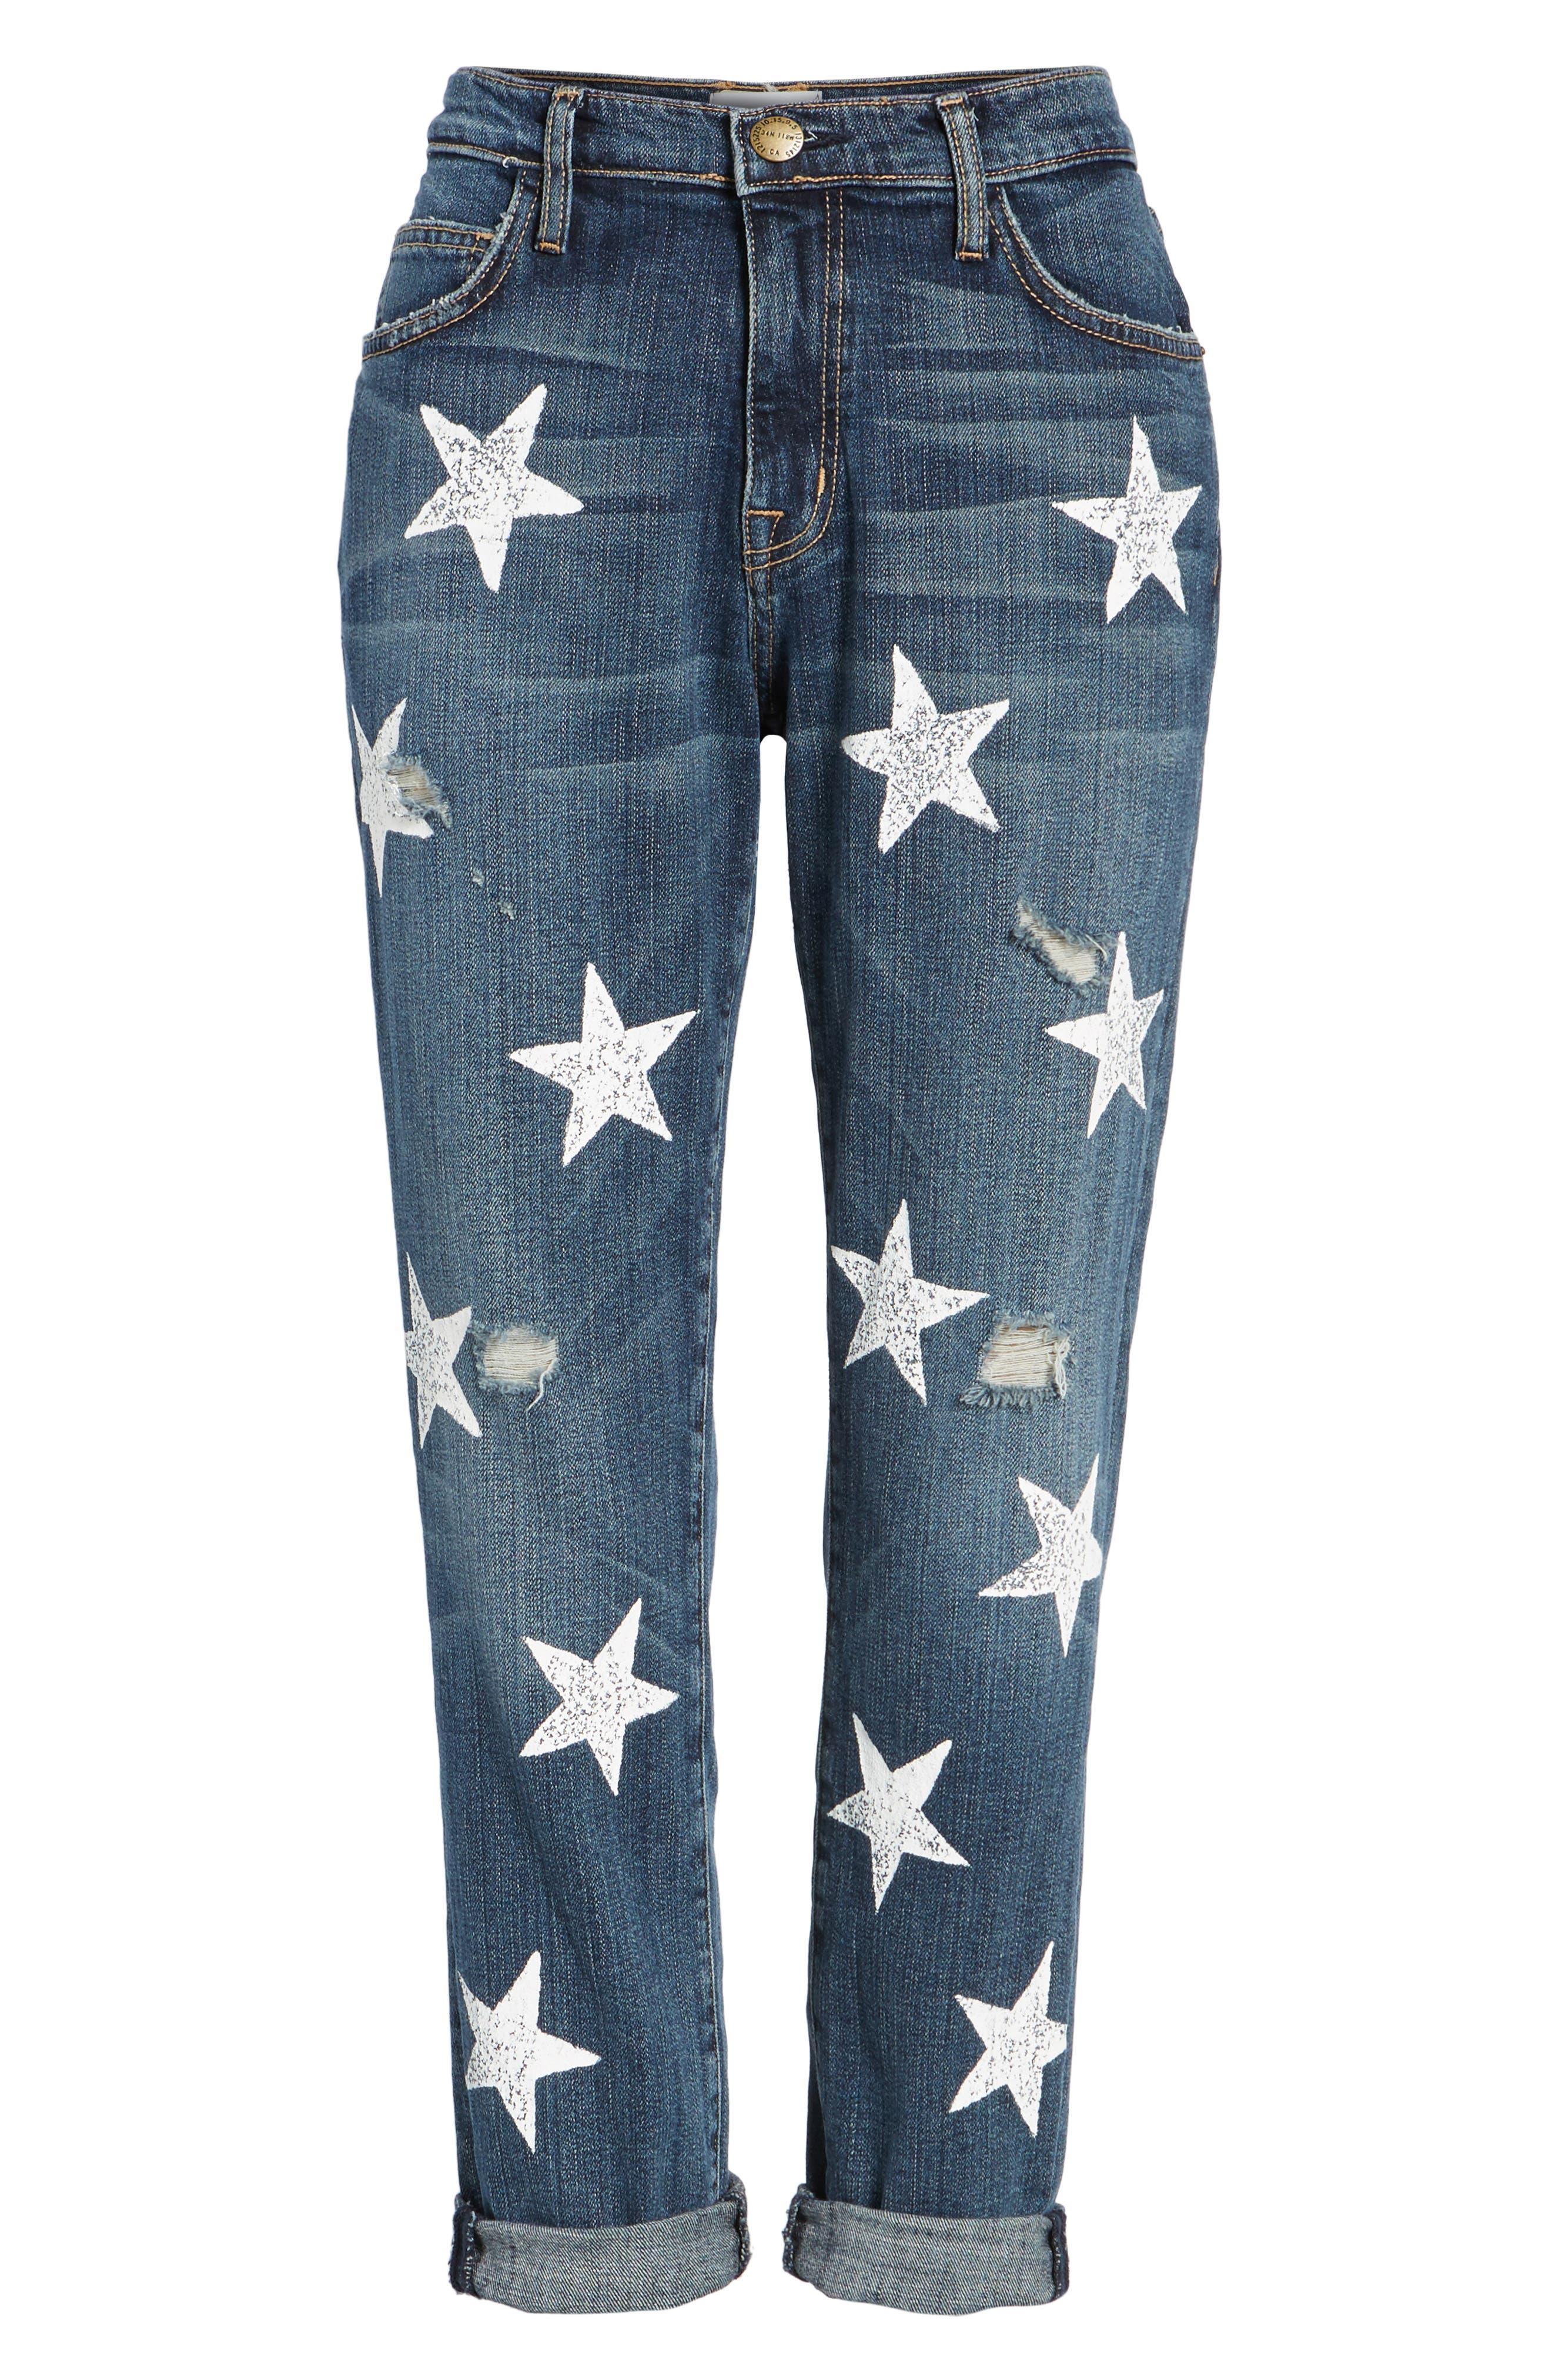 The Fling High Waist Boyfriend Jeans,                             Alternate thumbnail 7, color,                             Loved Destroy/ White Stars